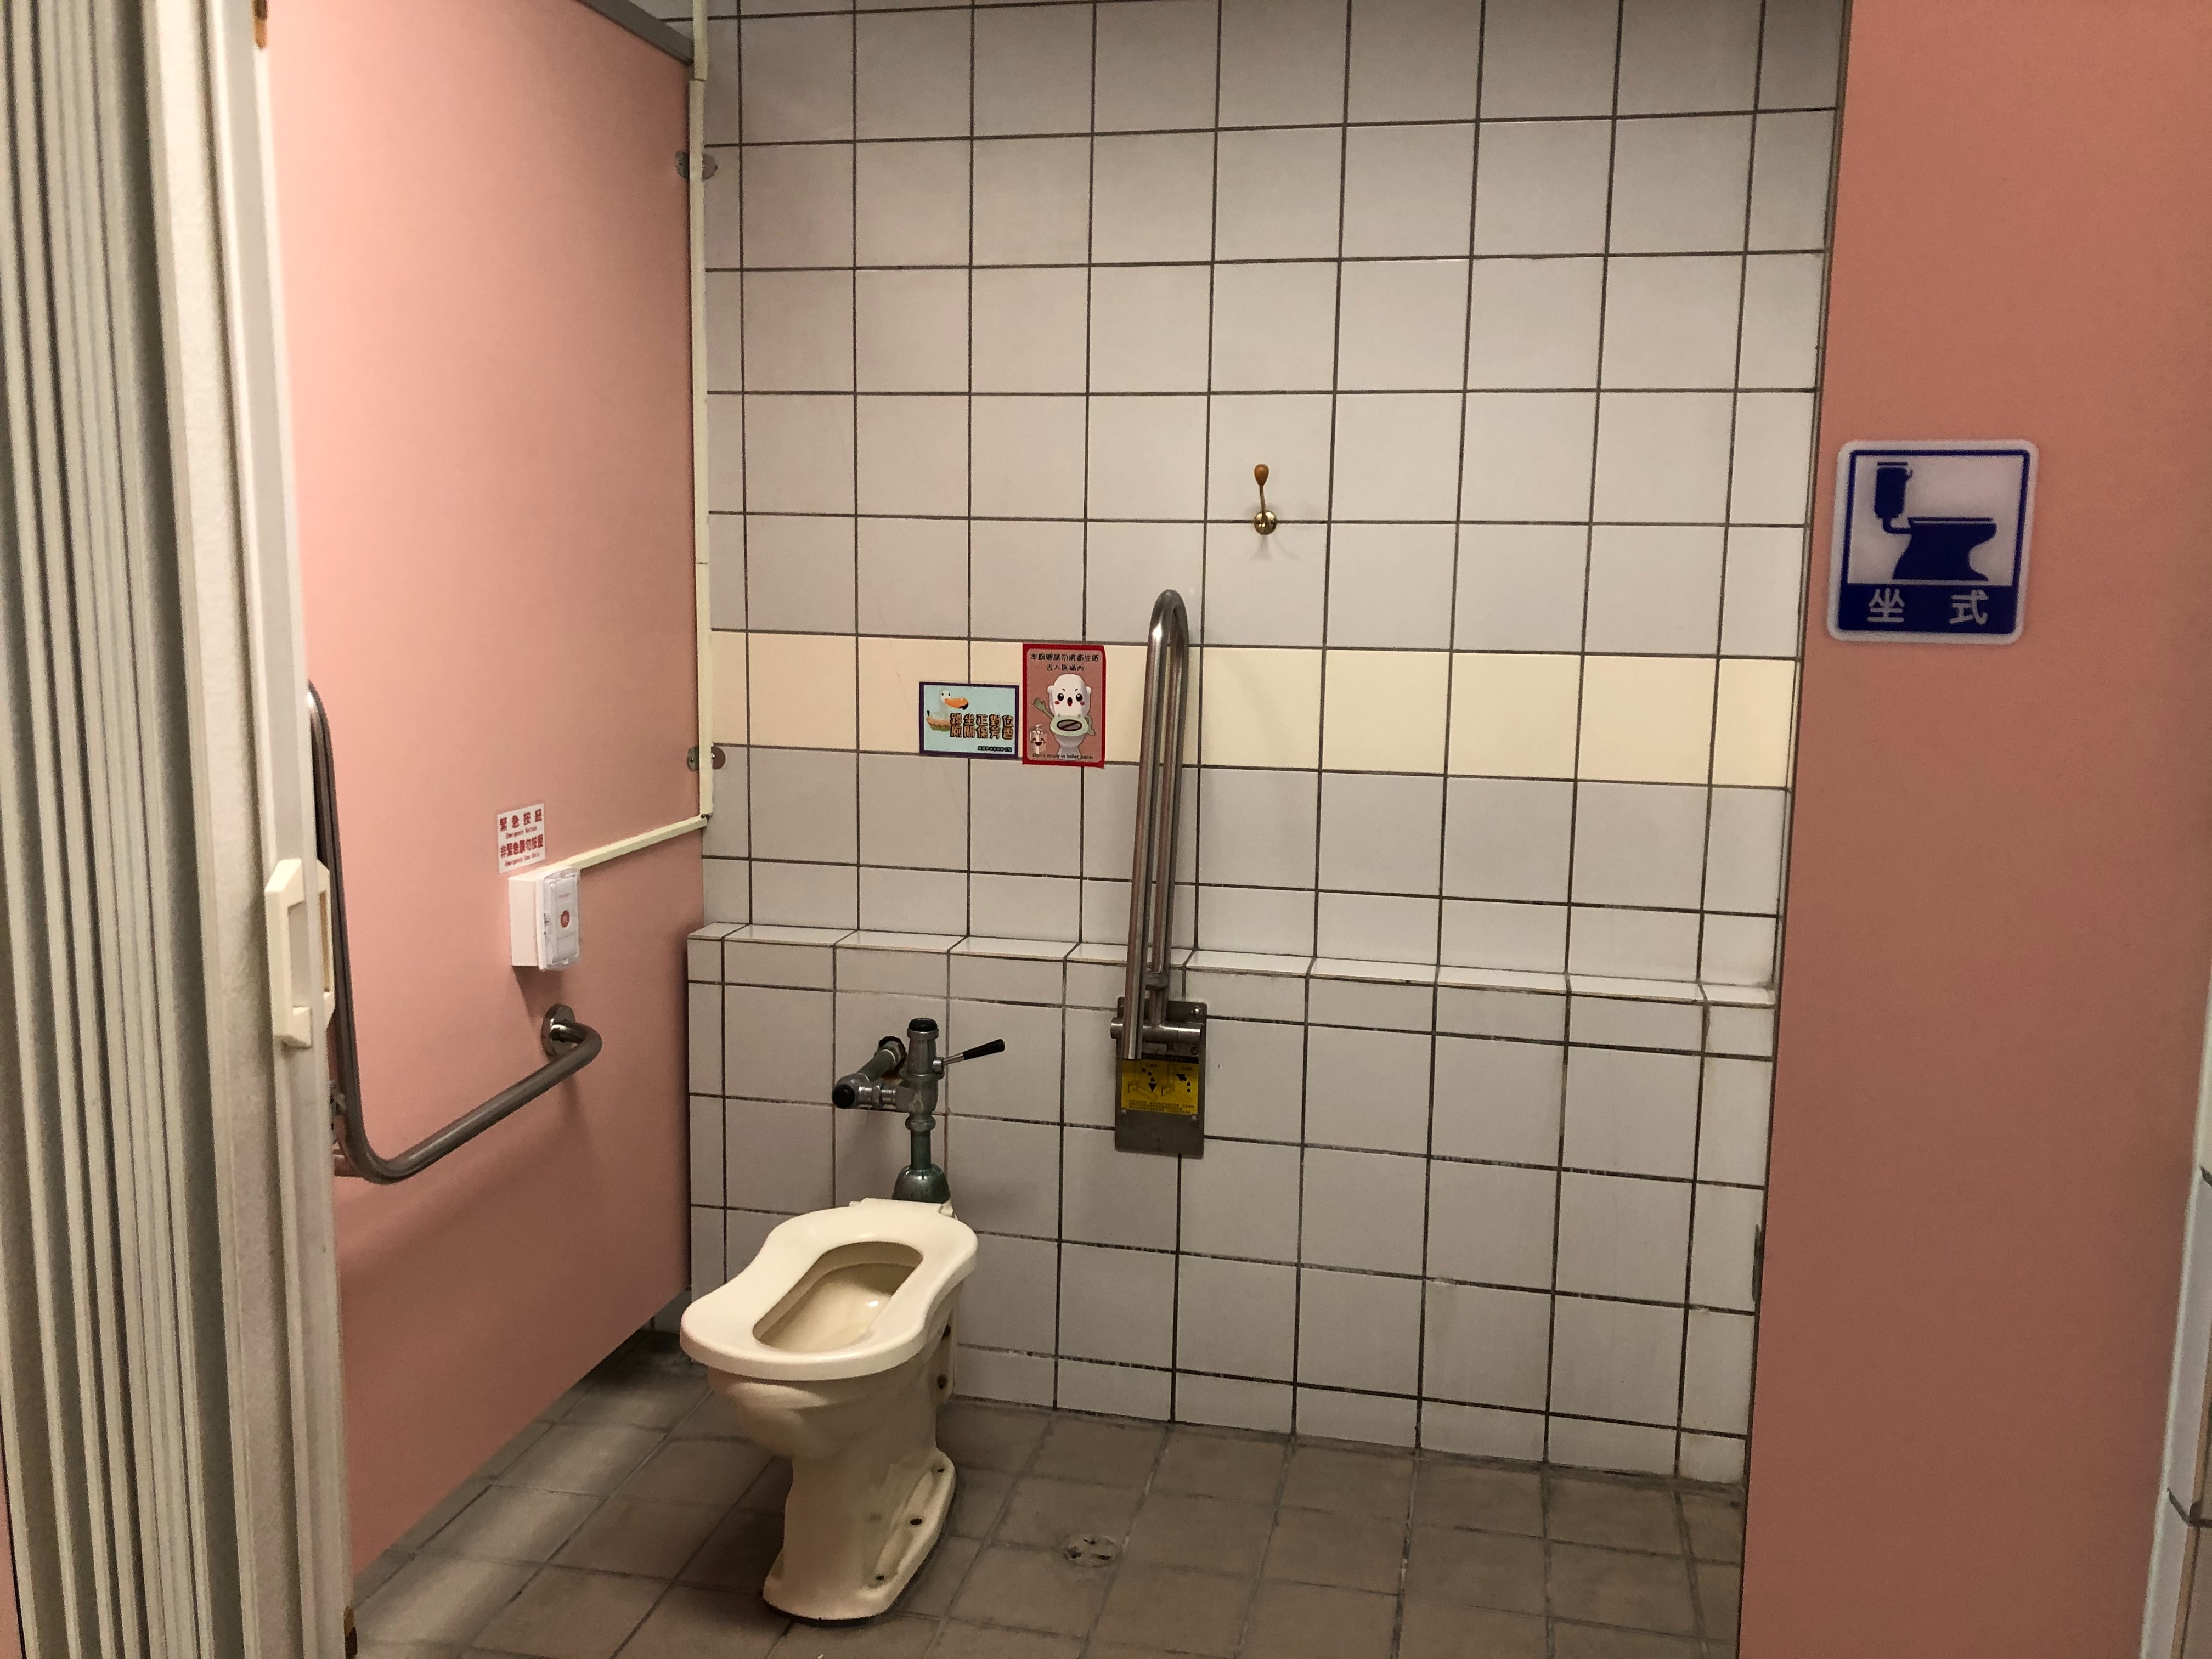 女廁無障礙扶手及求助鈴